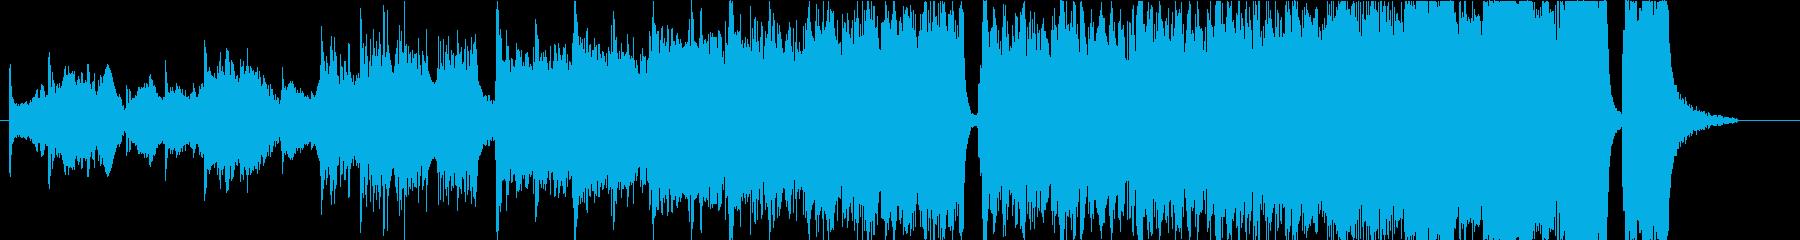 ハリウッド系トレイラーオーケストラの再生済みの波形